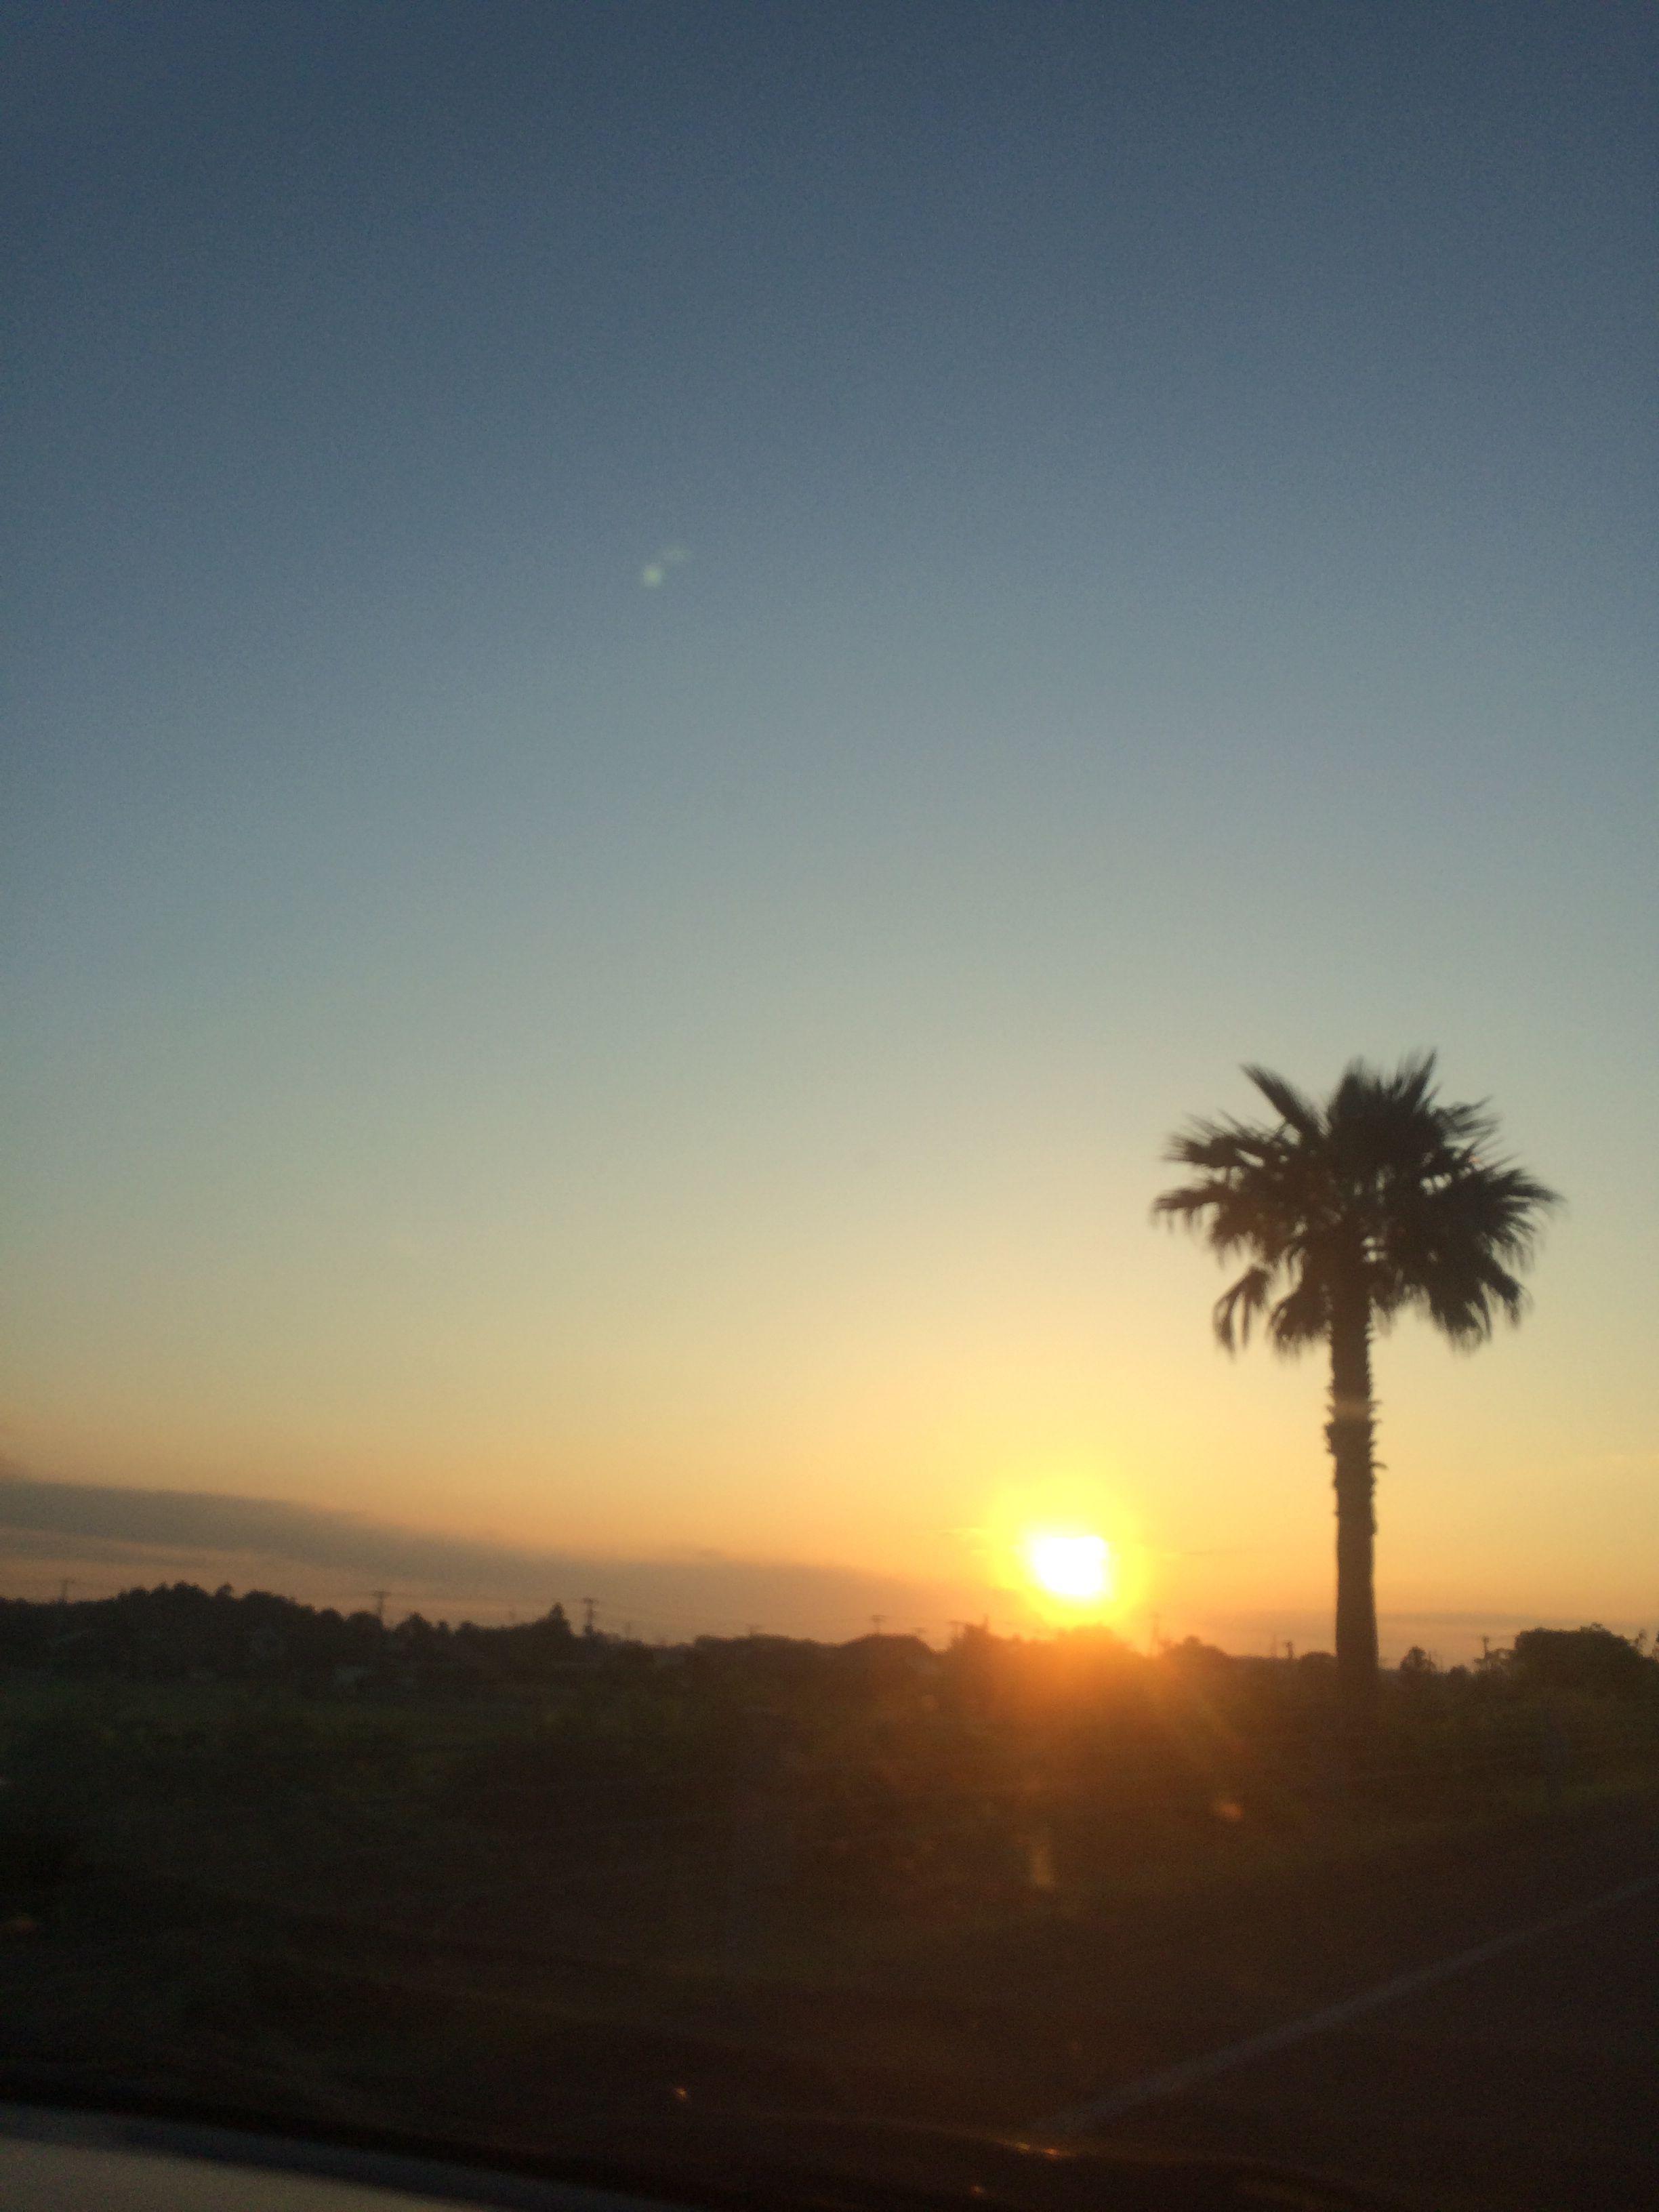 sunrise 2014.06.14 yuuryo